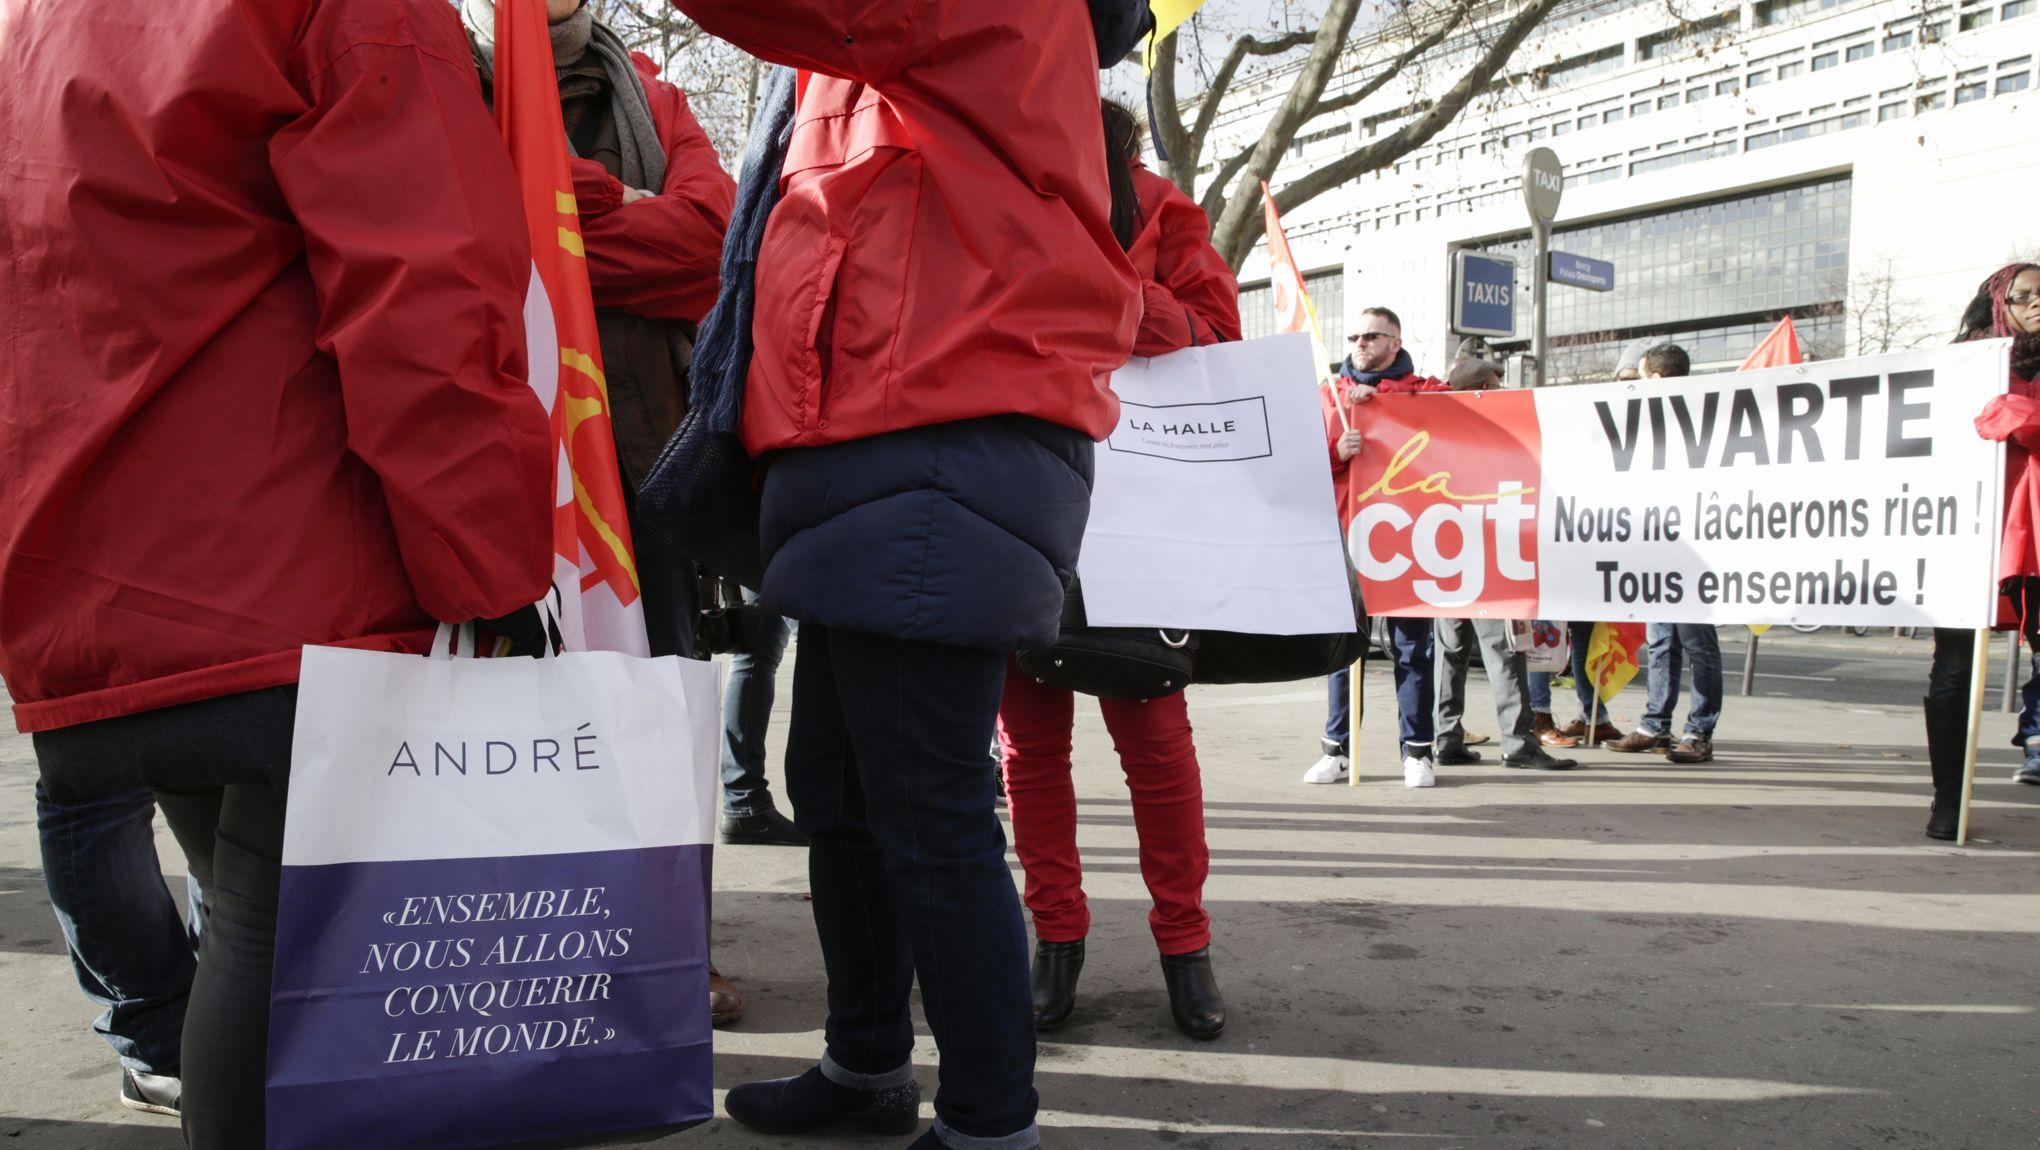 ed53b5cdaa94a8 André, La Halle : deux PSE annoncés et des cessions d'enseignes